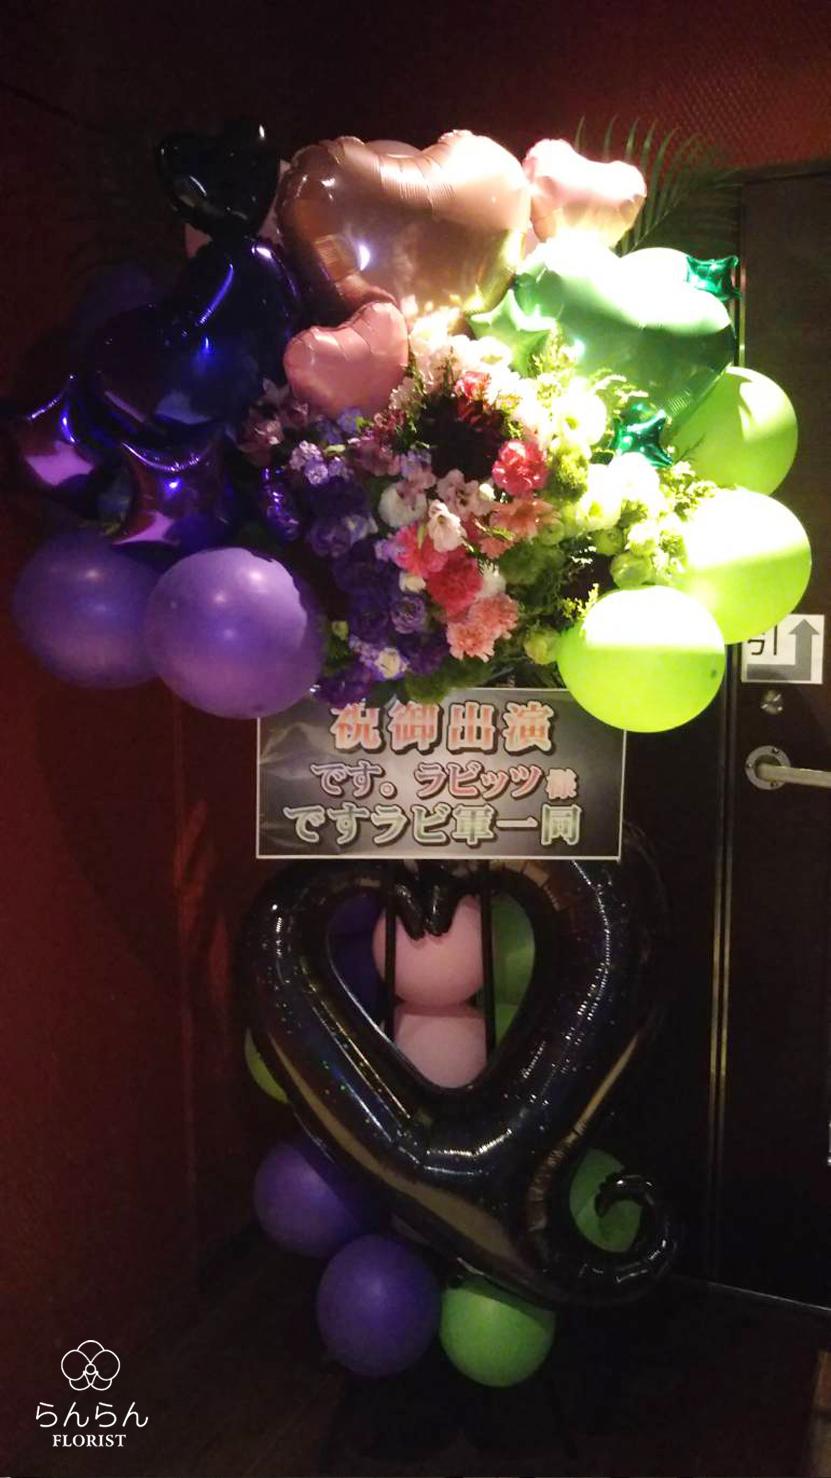 です。ラビッツ お祝いスタンド花